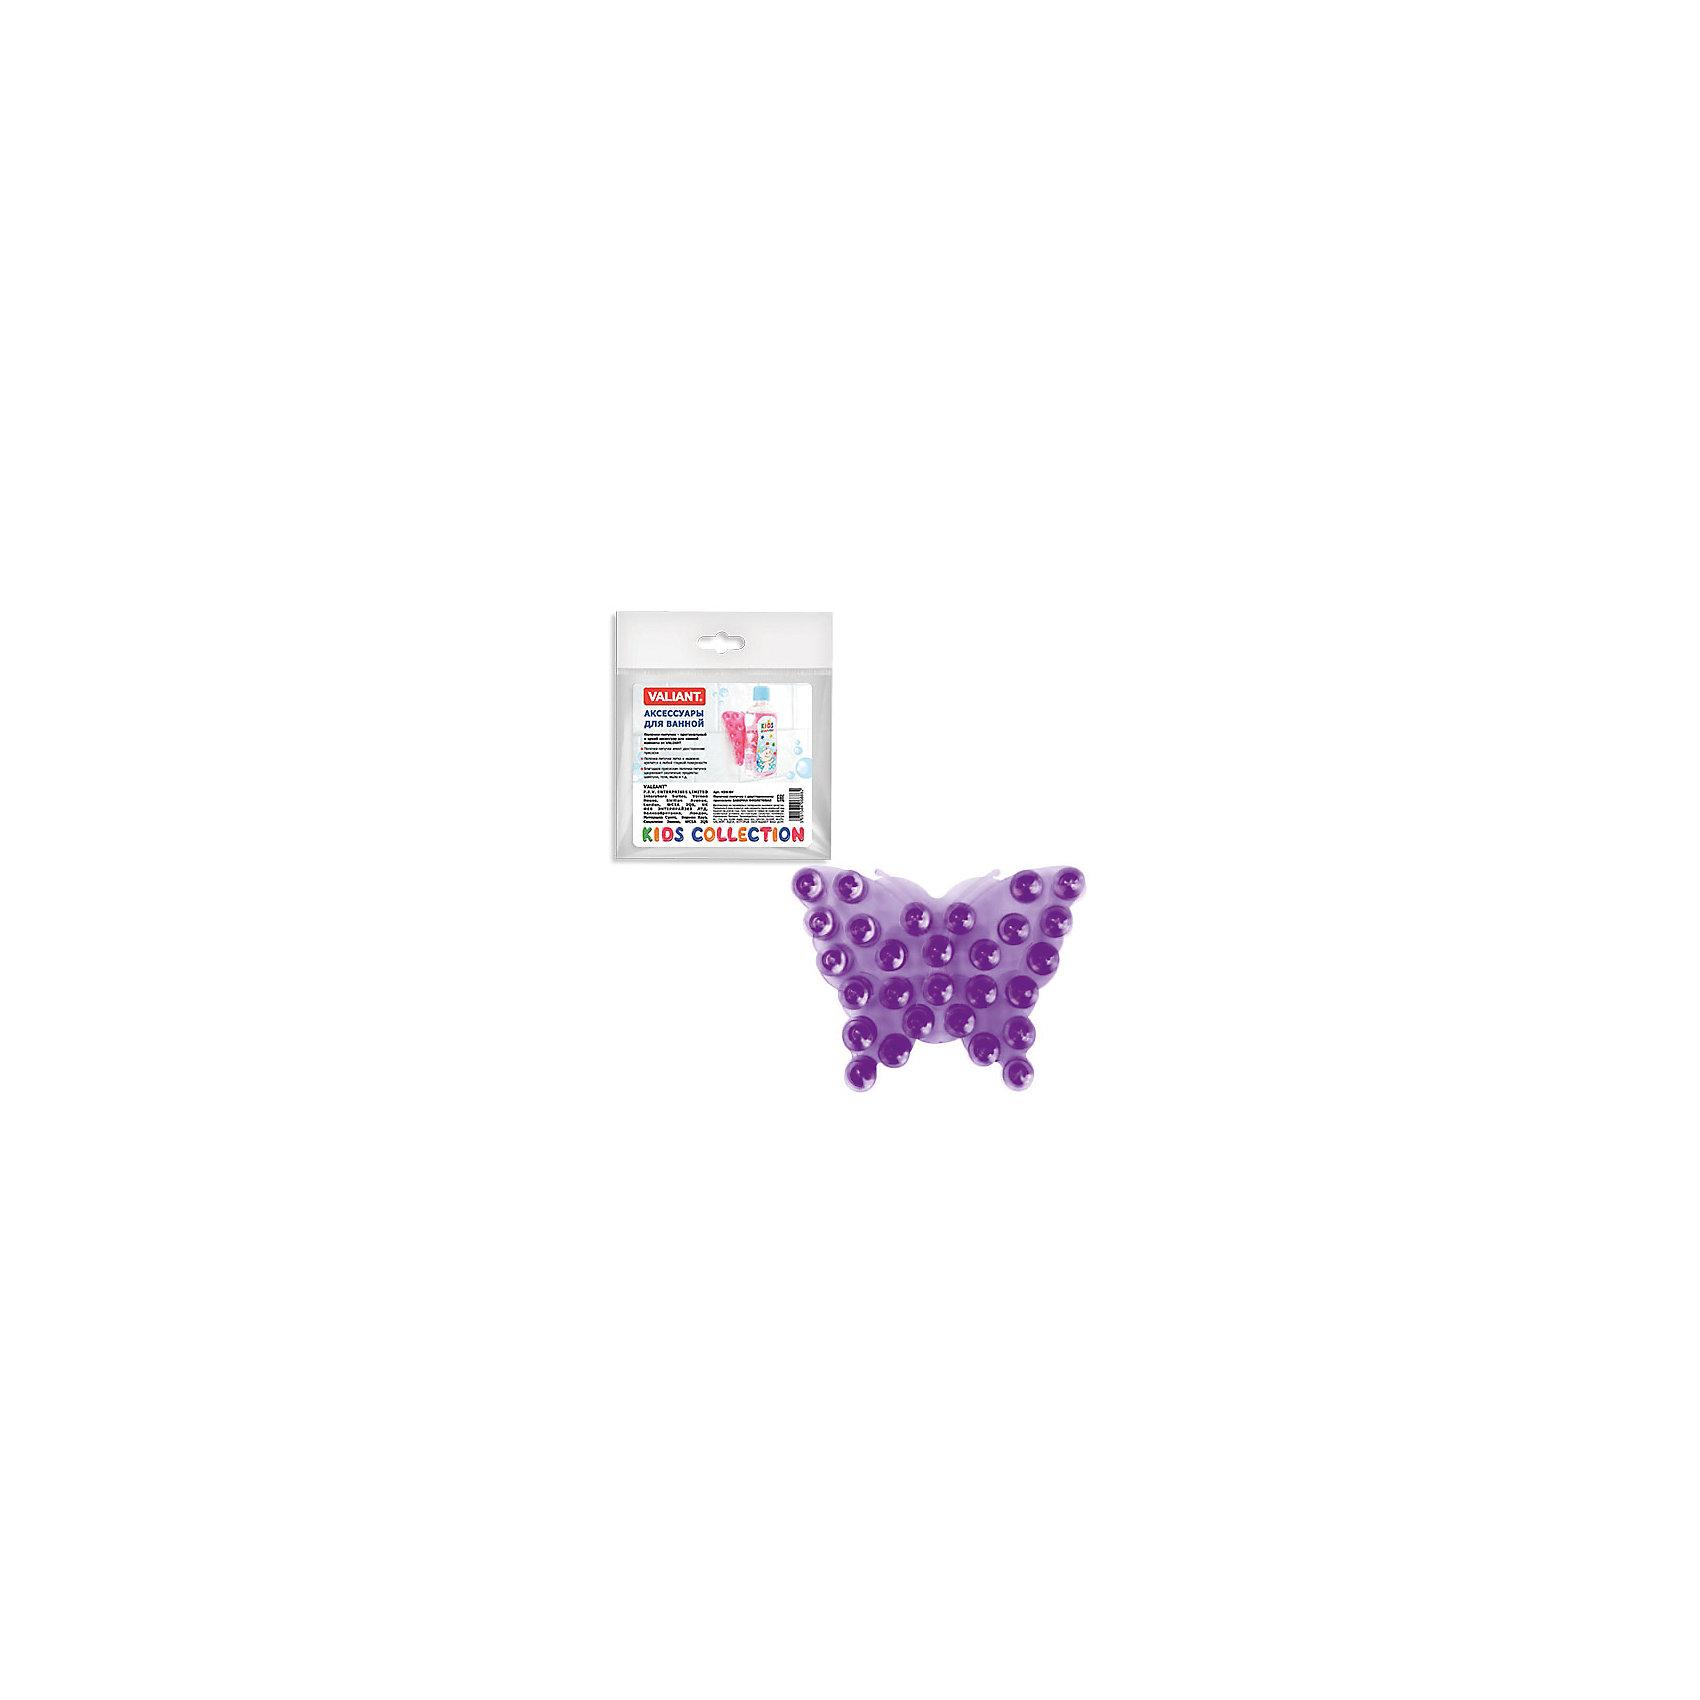 Полочка-липучка Фиолетовая бабочка с двусторонними присоскамиВанная комната<br>Полочка-липучка - это оригинальная игрушка для купания Вашего малыша, а так же функциональное решение по удобному креплению аксессуаров для ванной комнаты: шампуни, жидкое мыло и т.д.<br><br>Дополнительная информация:<br><br>- материал: полимеры<br>- размер: 10*7.5 см.<br><br>Полочку-липучка Фиолетовая бабочка с двусторонними присосками можно купить в нашем интернет-магазине.<br><br>Ширина мм: 135<br>Глубина мм: 8<br>Высота мм: 160<br>Вес г: 17<br>Возраст от месяцев: -2147483648<br>Возраст до месяцев: 2147483647<br>Пол: Унисекс<br>Возраст: Детский<br>SKU: 4563402